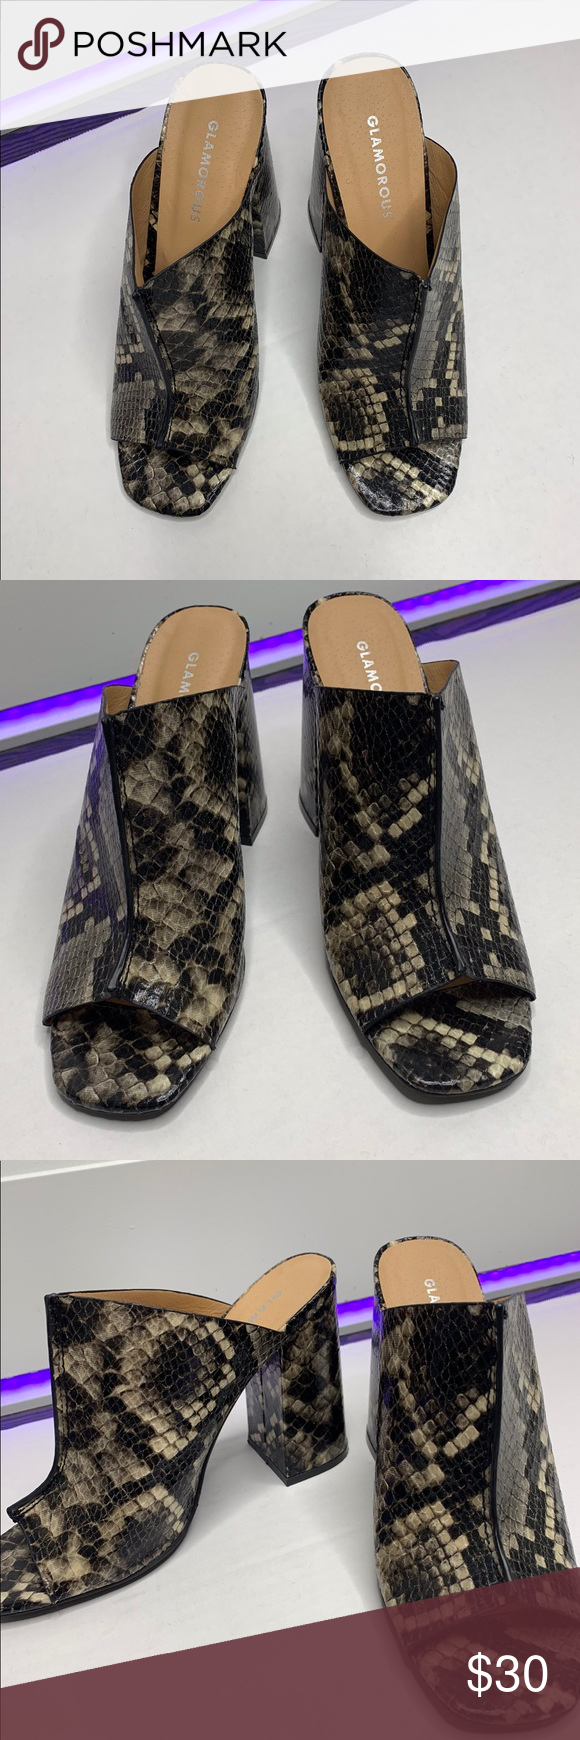 GLAMOROUS GREY SNAKE HEELED MULES Snake print block heel. ASOS Shoes Heels